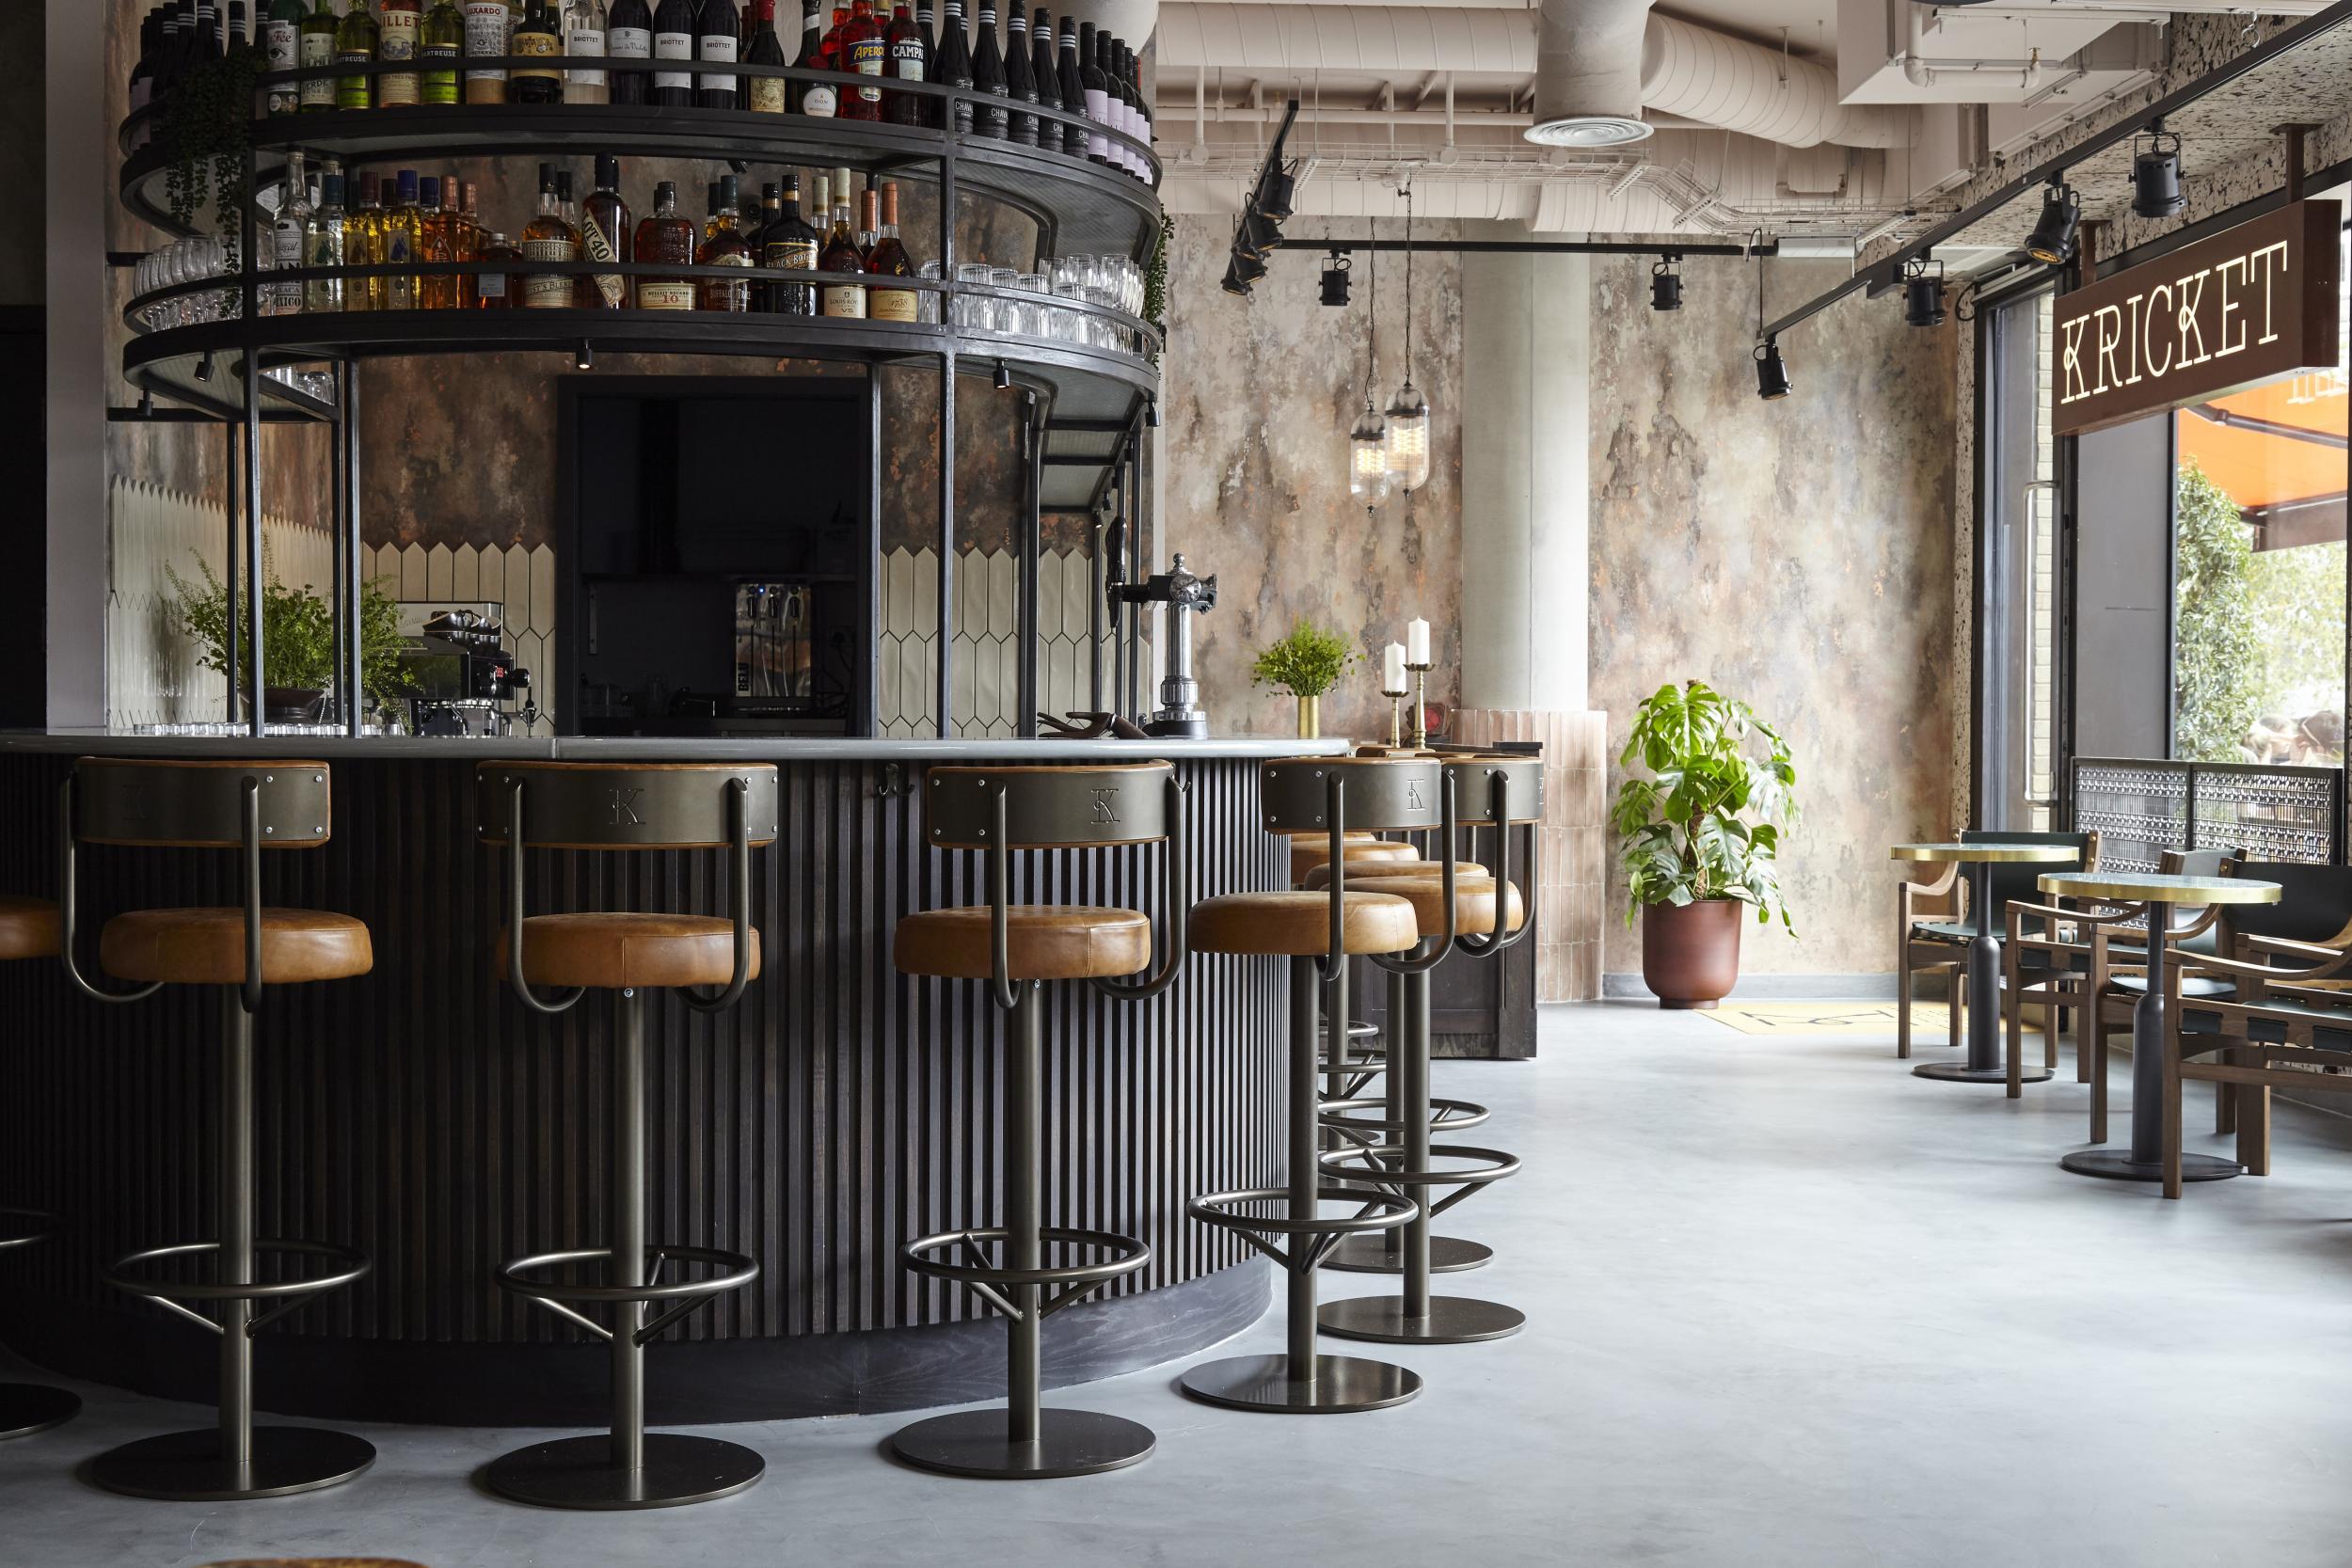 Kricket date restaurants london